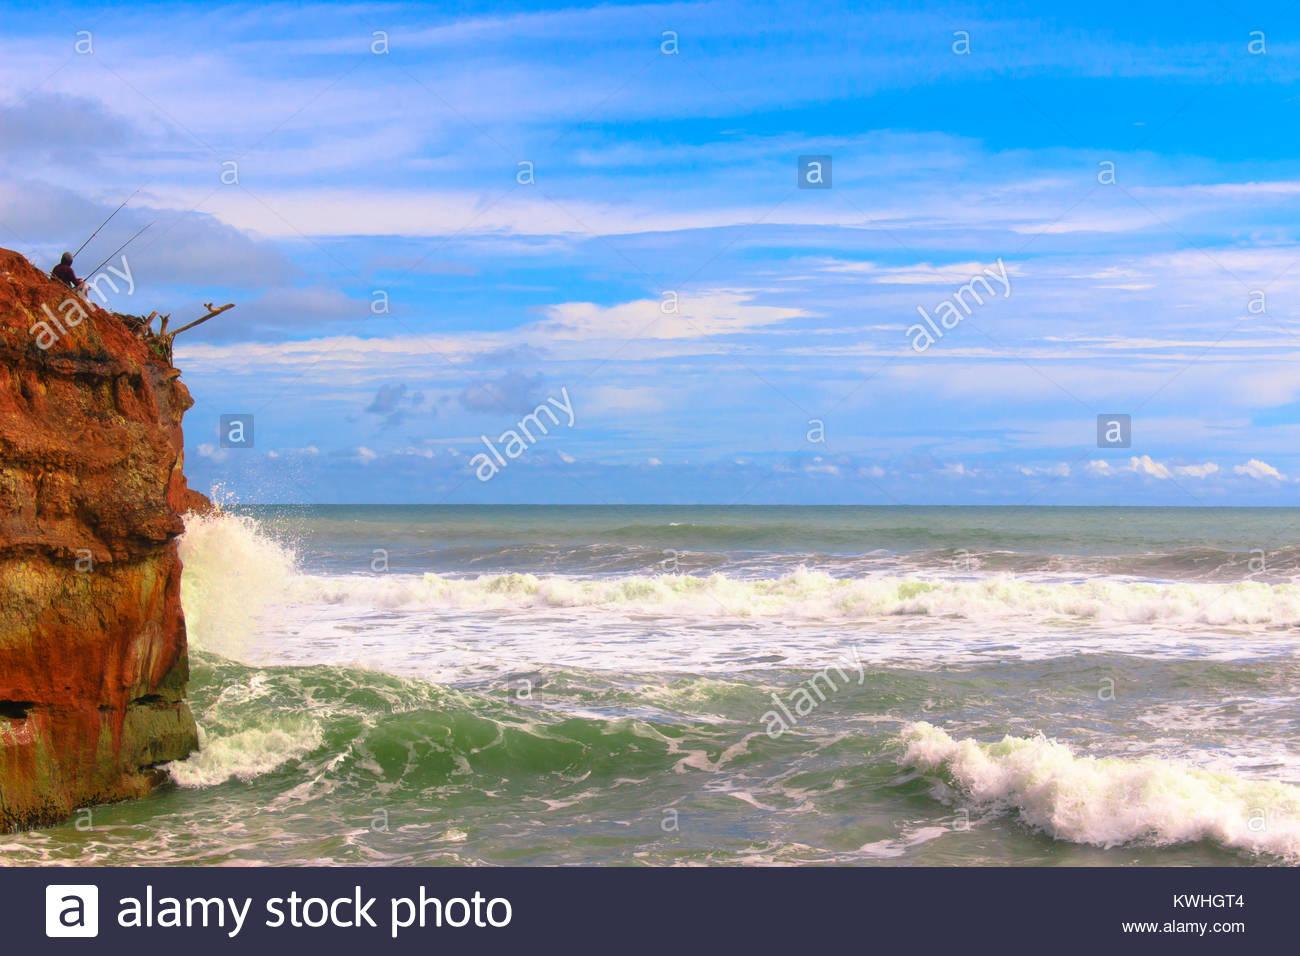 fishing among danger line - Stock Image